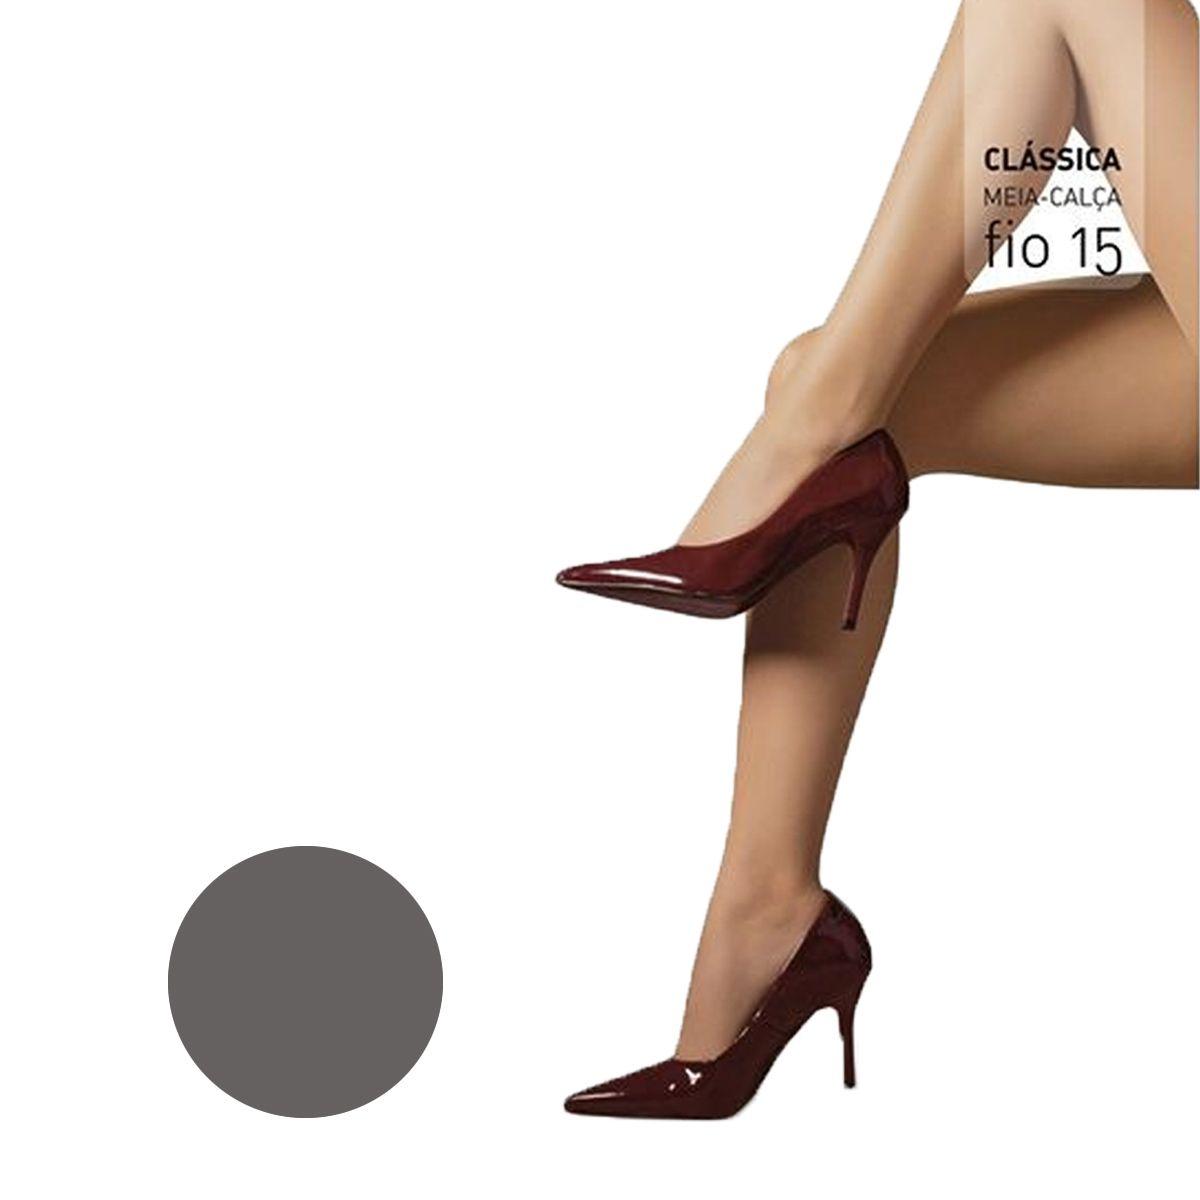 Meia Calça Clássica Fio 15 Selene